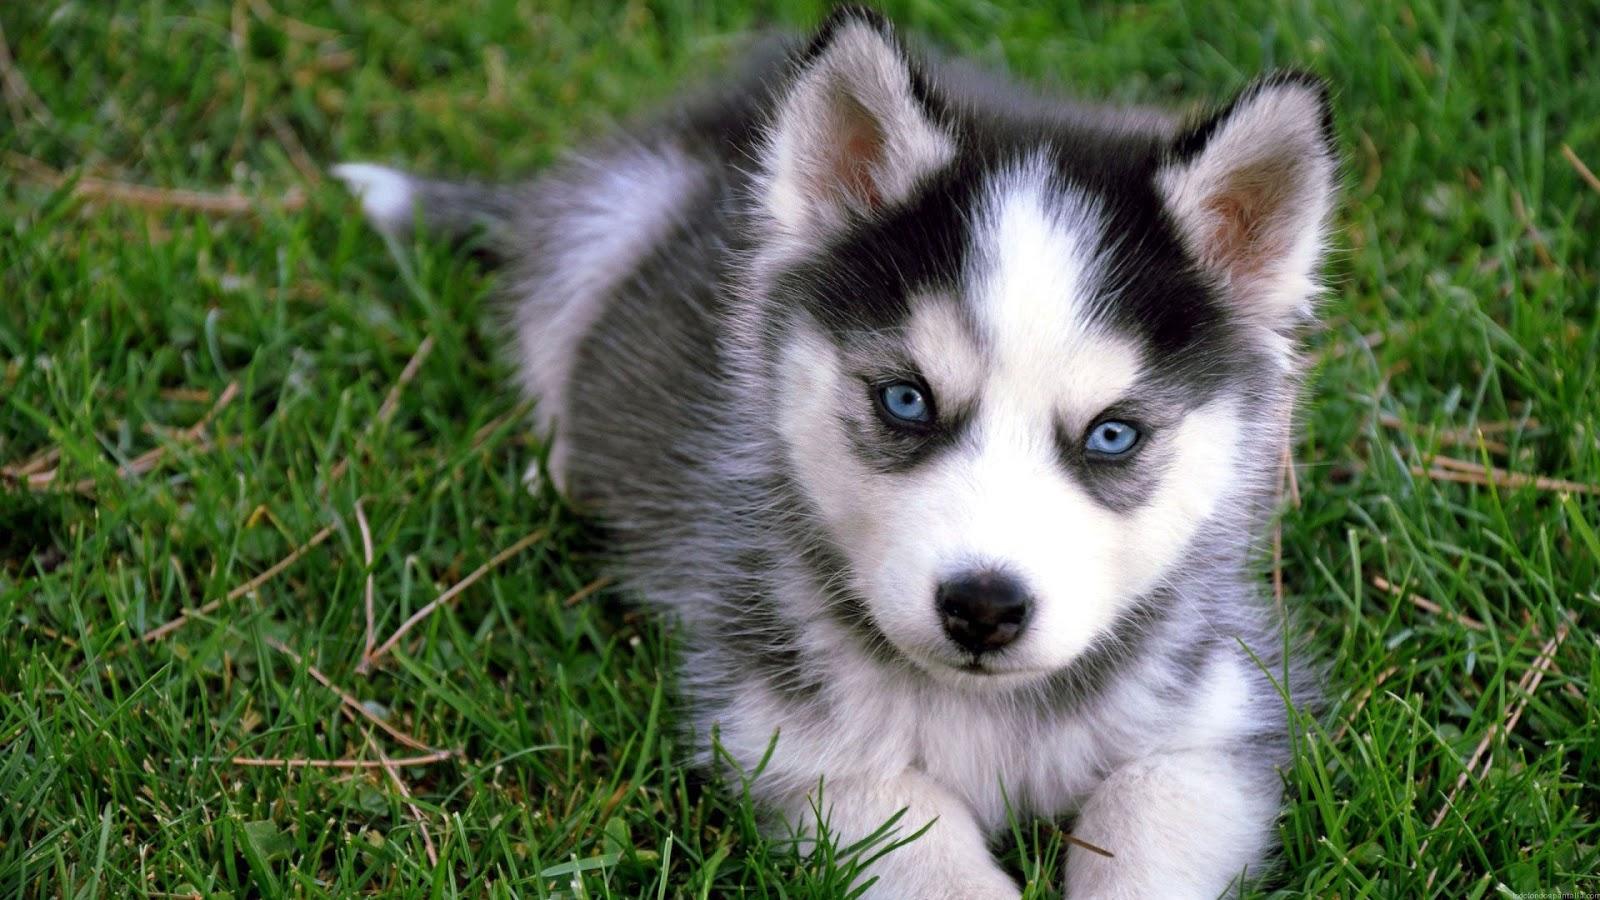 Fondos De Animales Animados: Fondo De Pantalla Perros 1920x1080